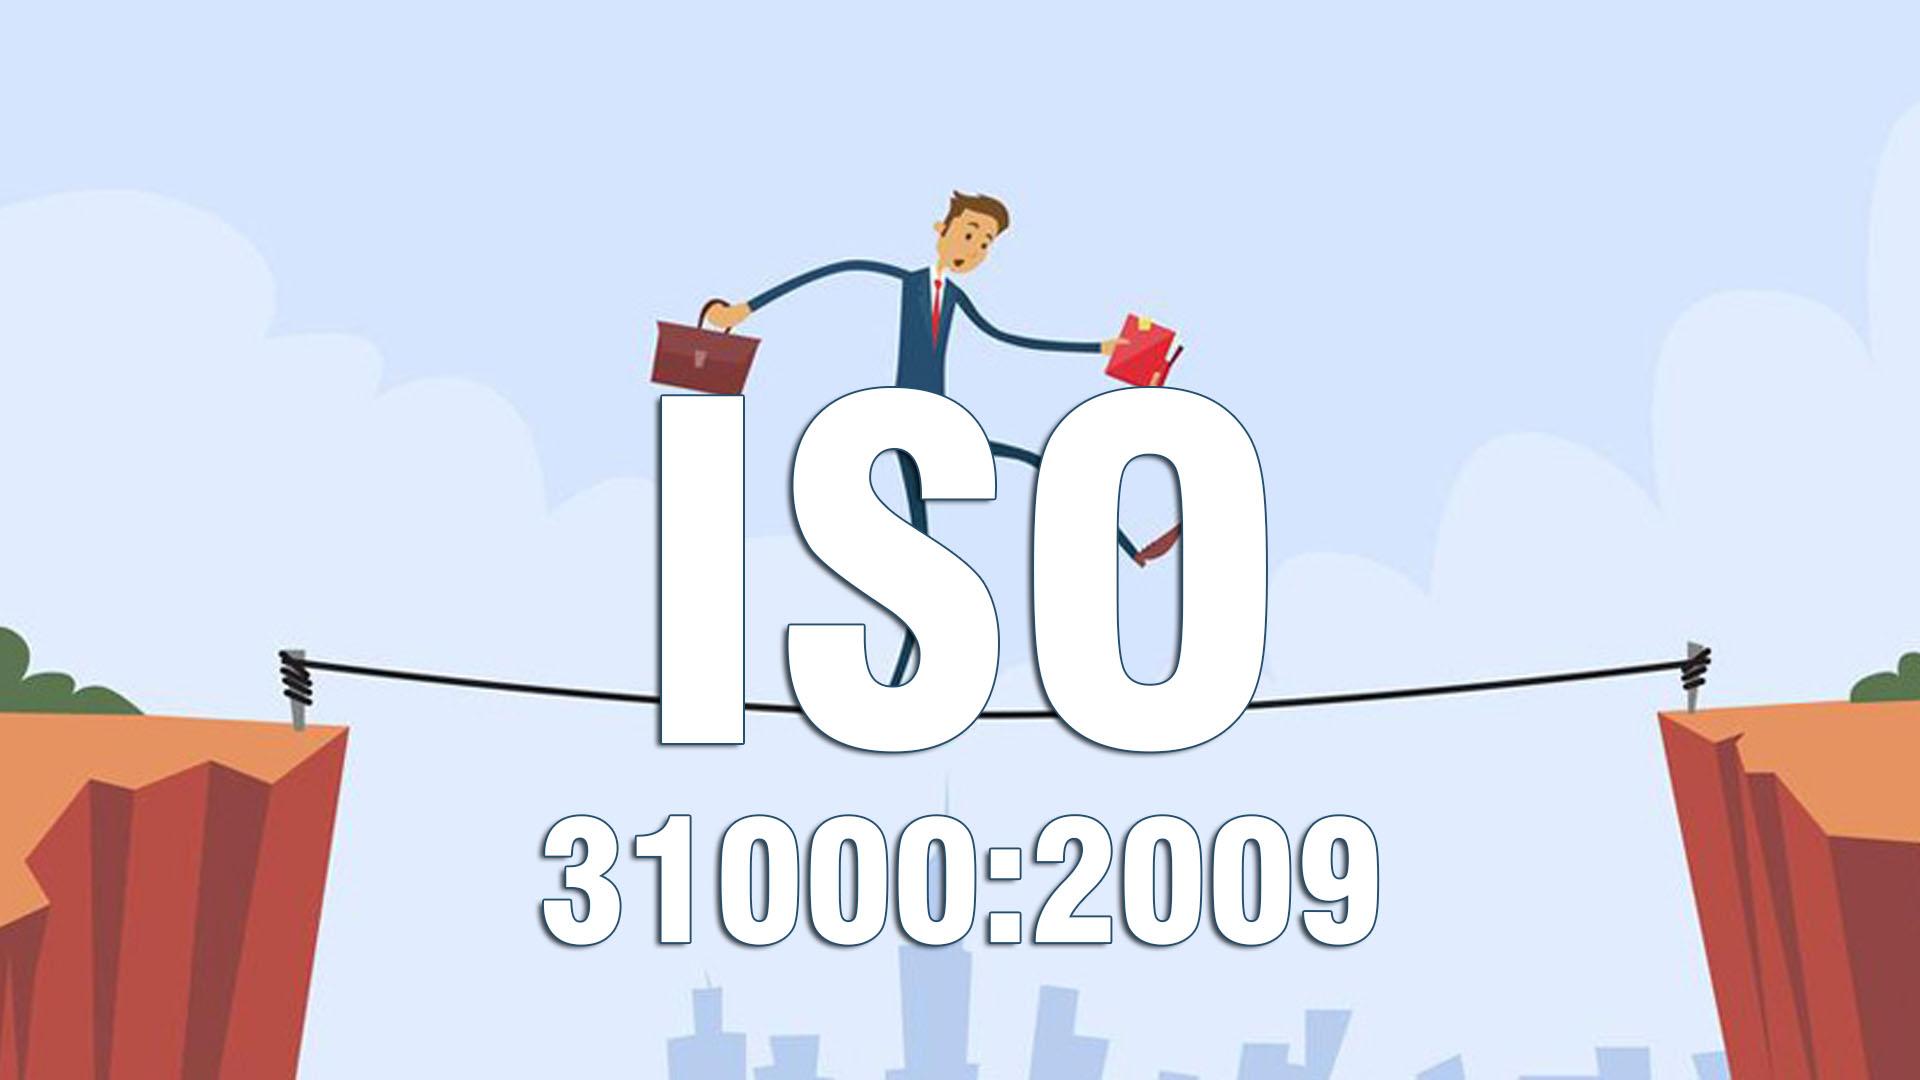 NHẬN THỨC QUẢN LÝ RỦI RO THEO ISO 31000:2009 (Cấp 1)